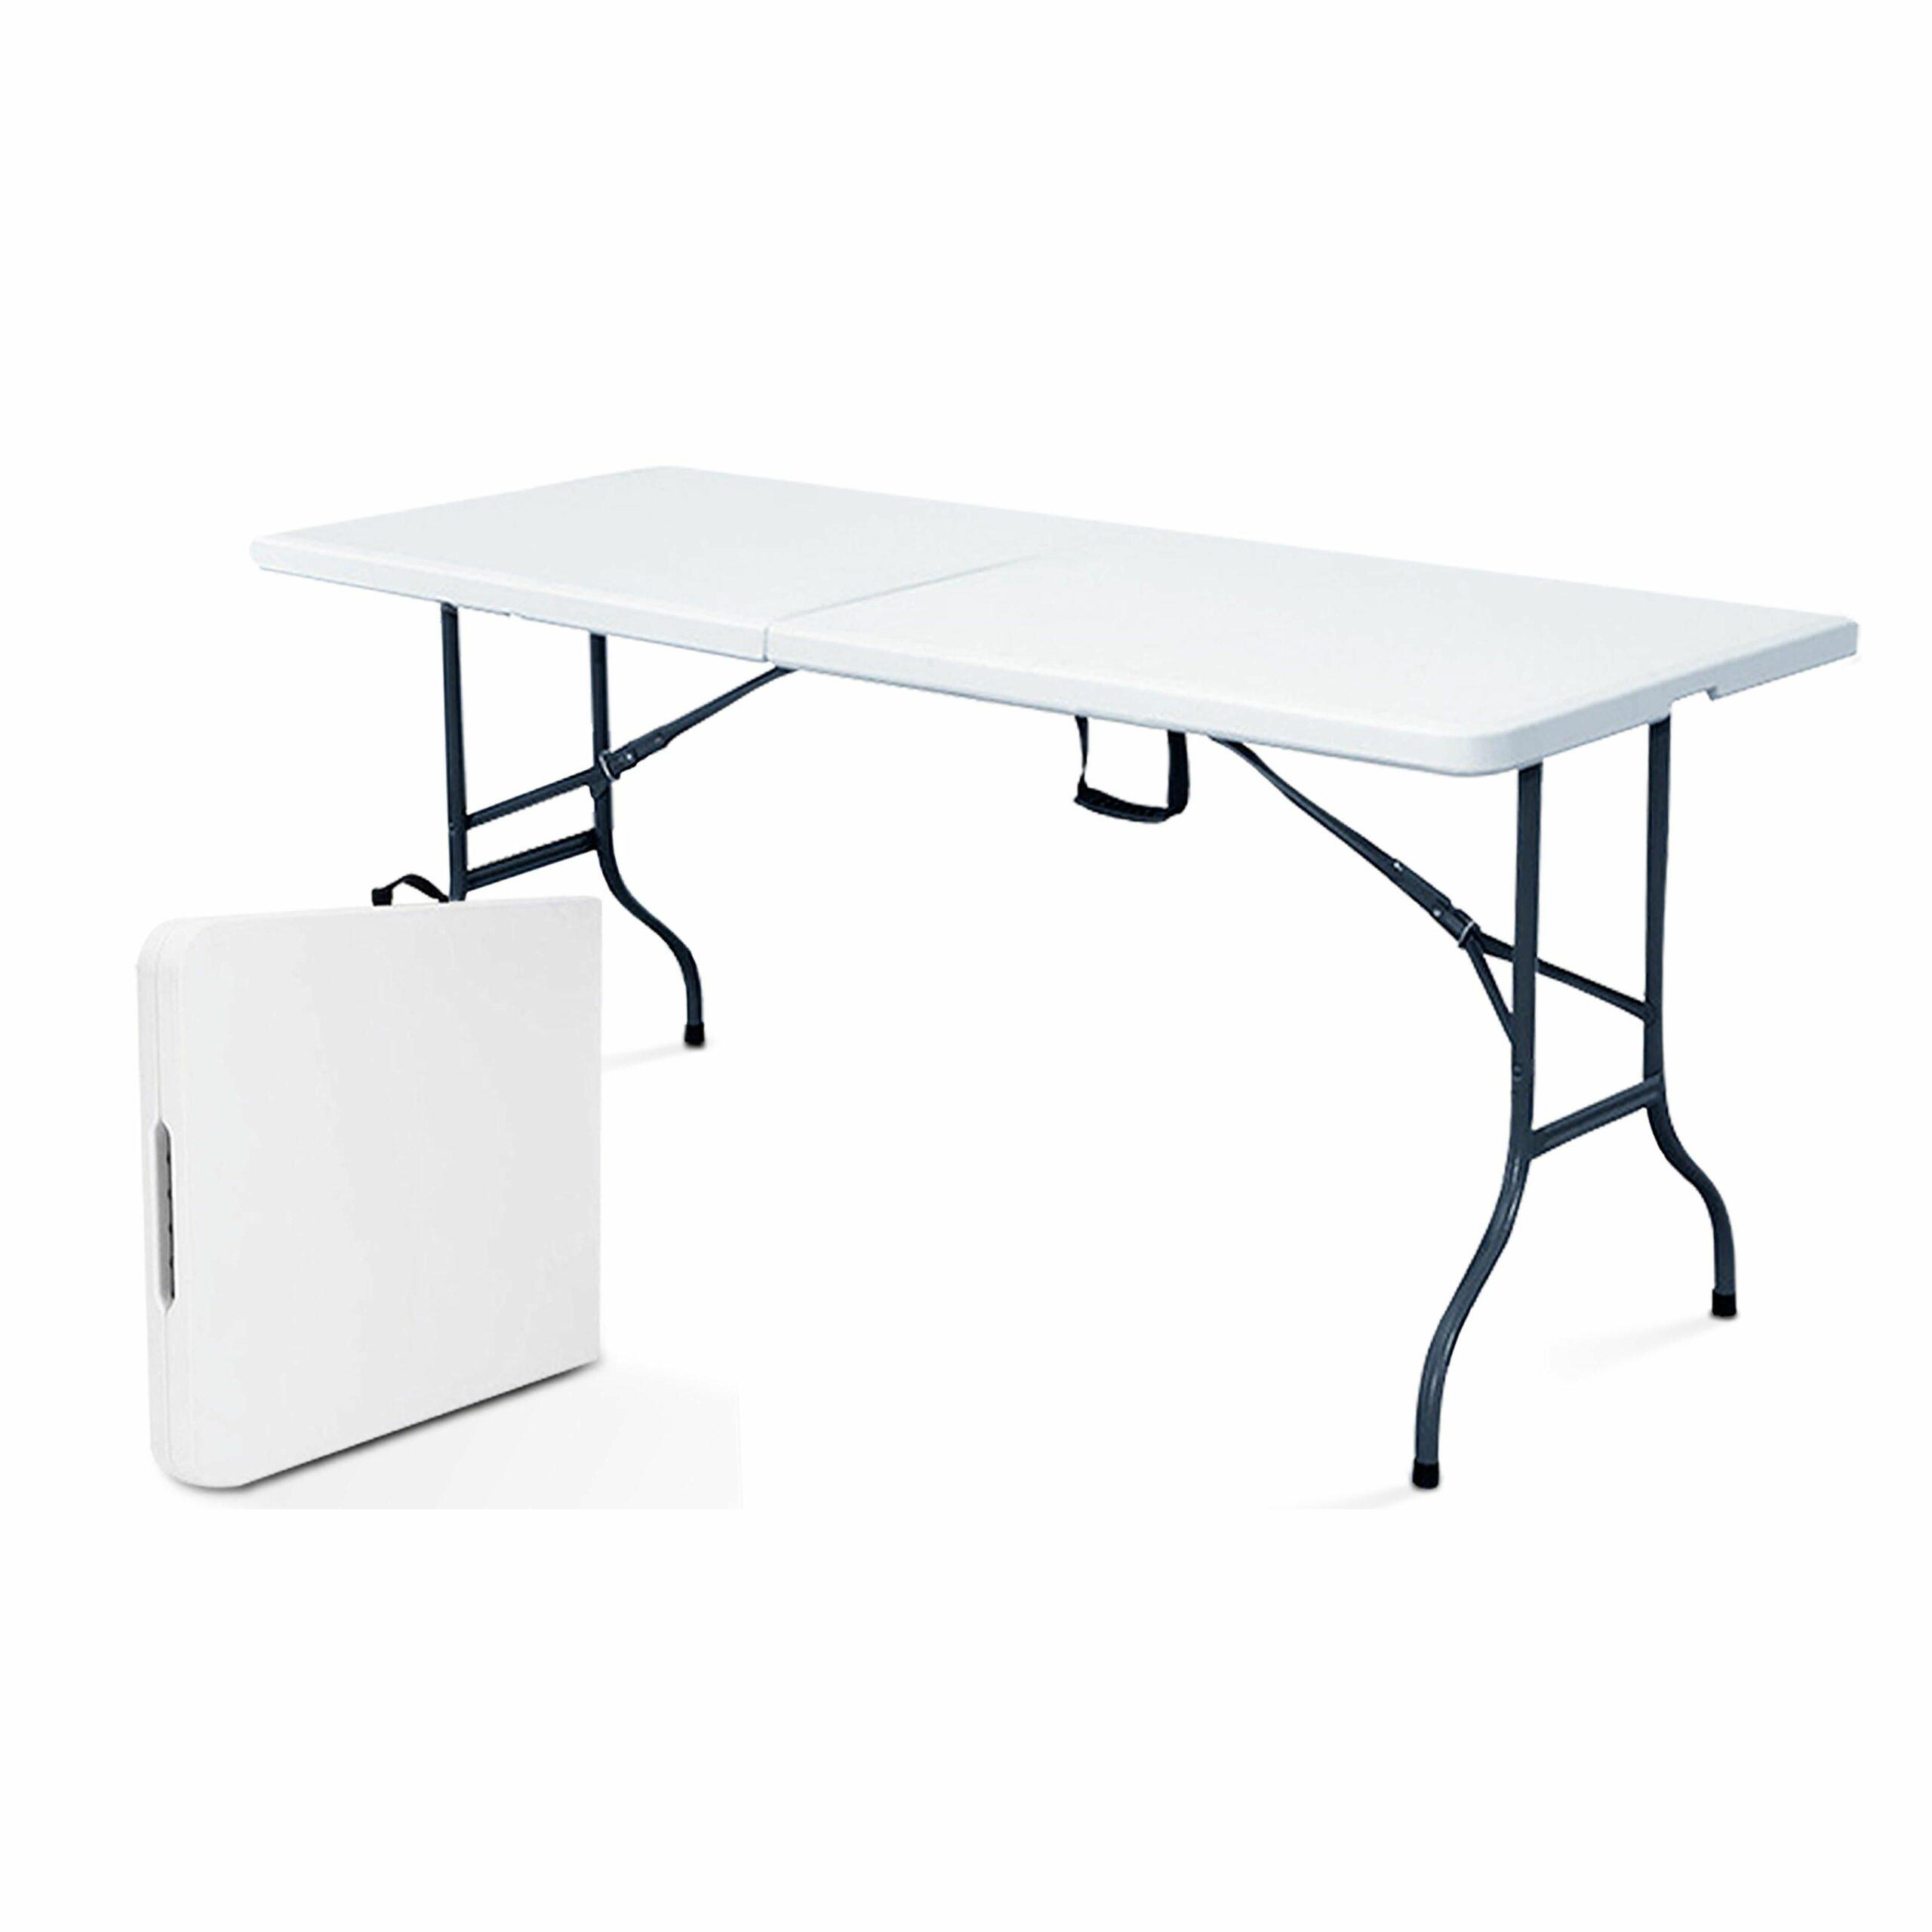 location table sonozikloc